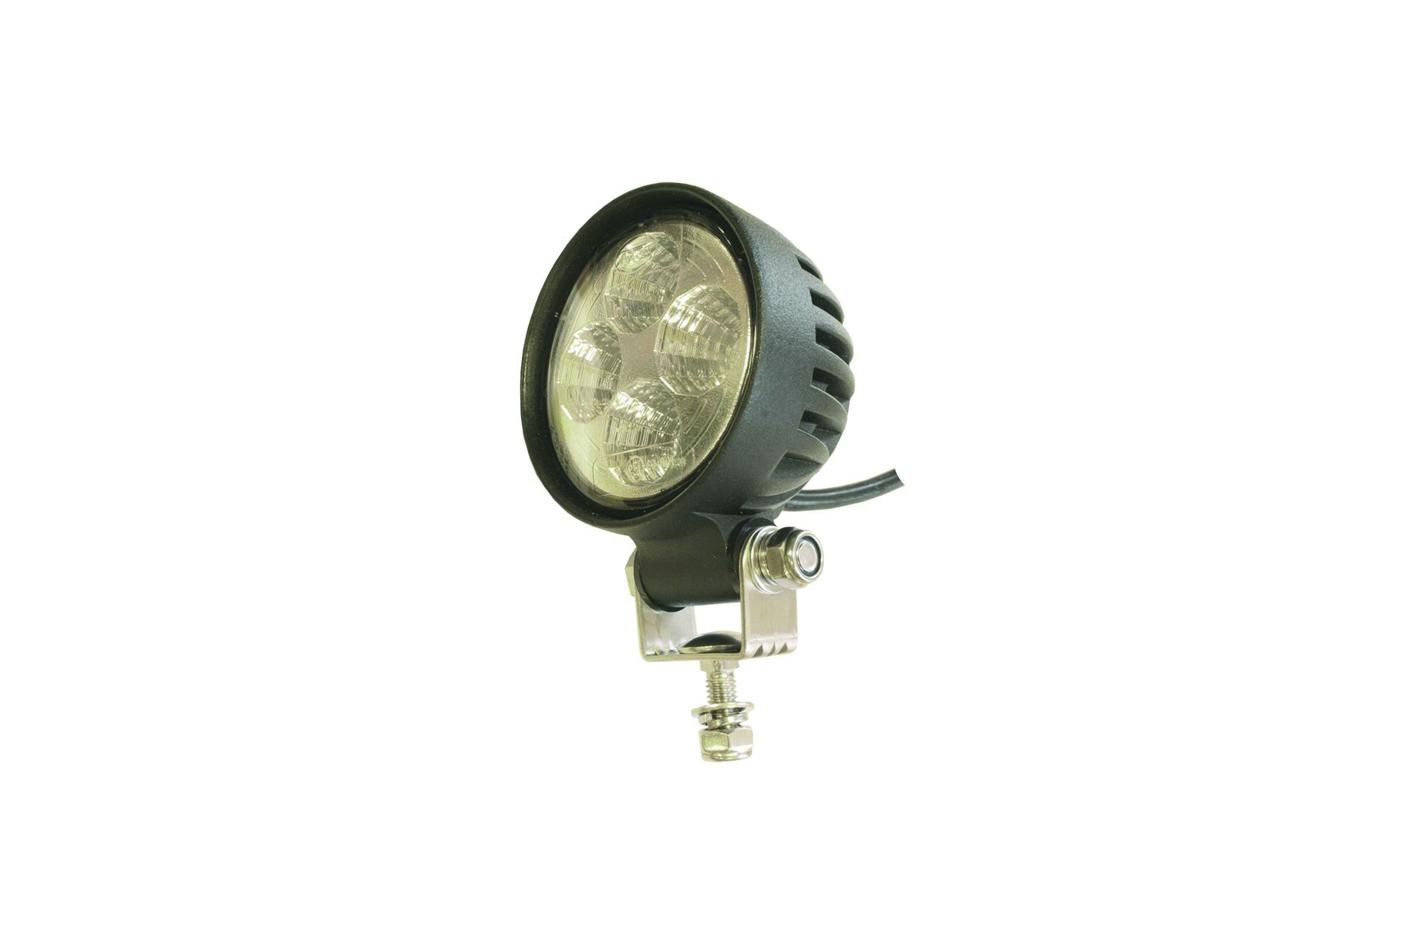 LED Rückfahrscheinwerfer rund mit 4 Leuchtdioden 700 Lumen